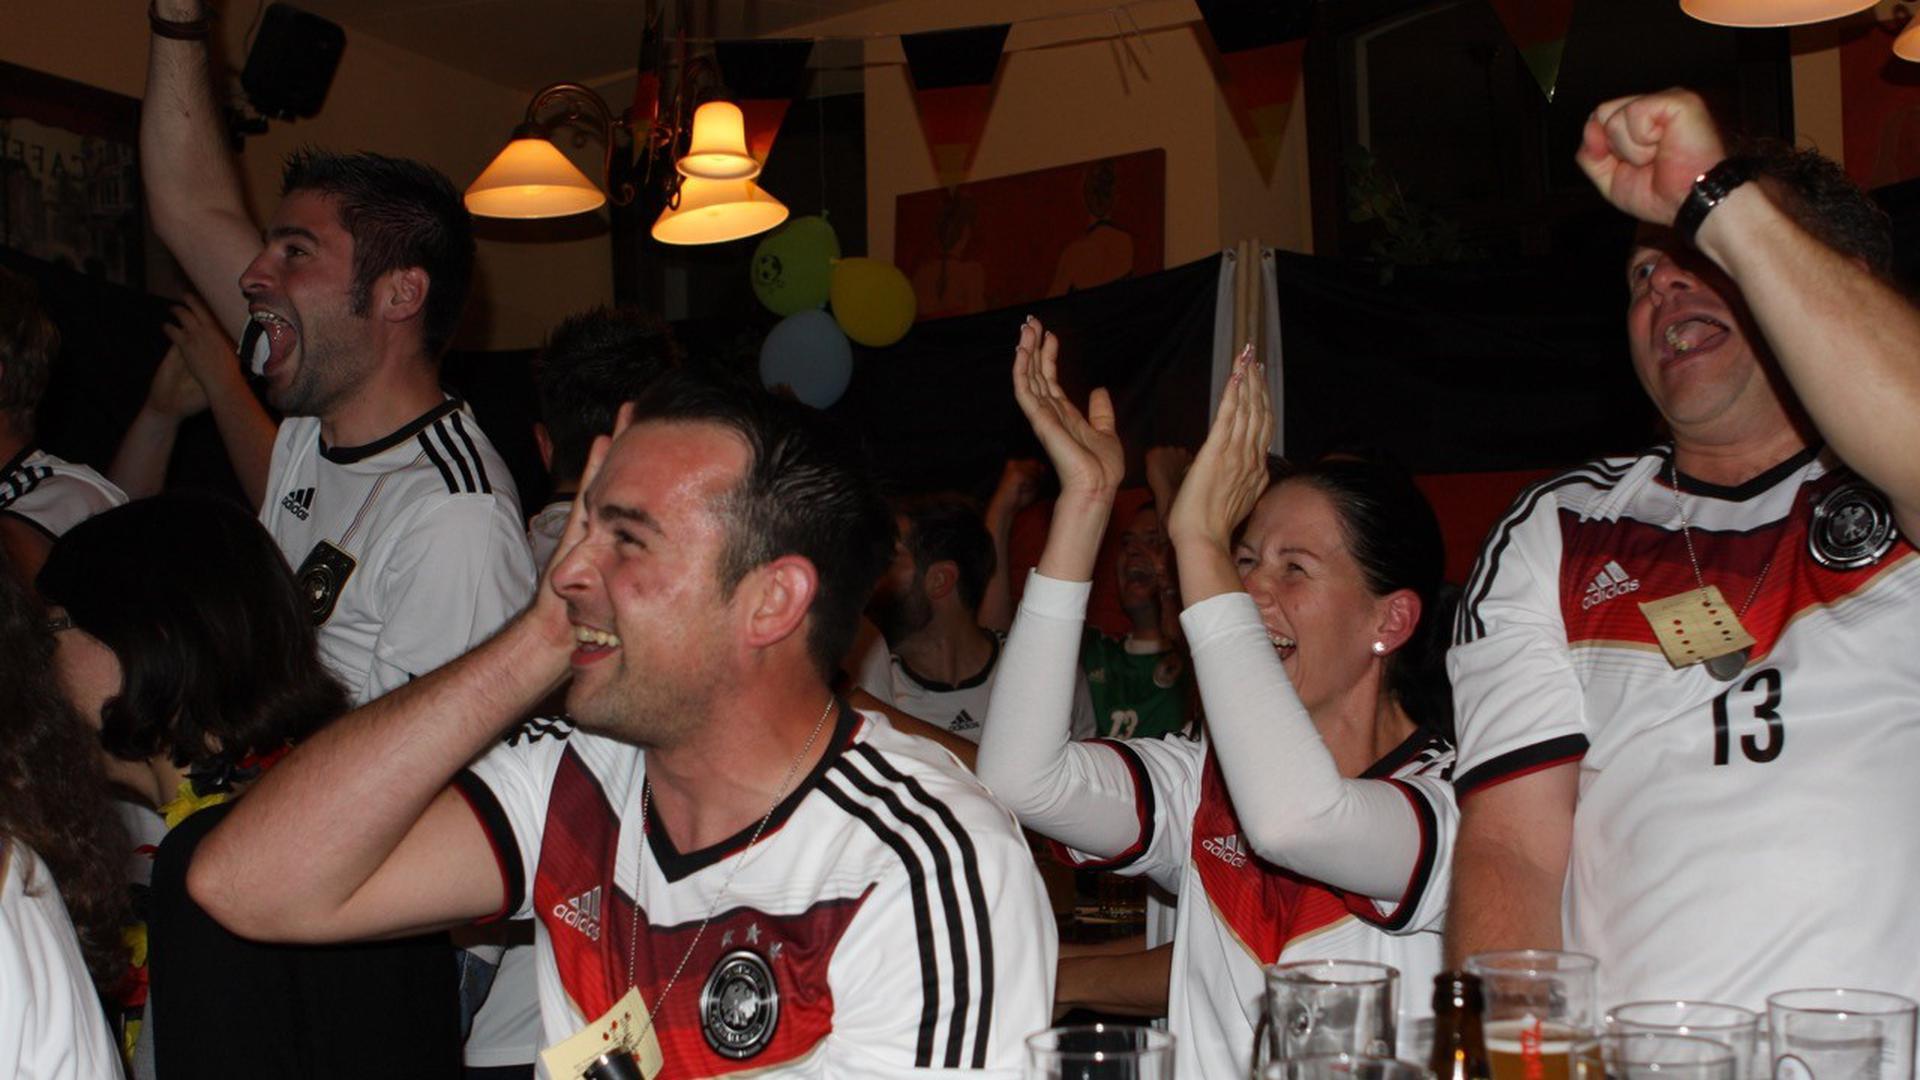 Bei der WM 2014 feierten die Fans in einer Kirrlacher Kneipe den Gewinn des Weltmeistertitels